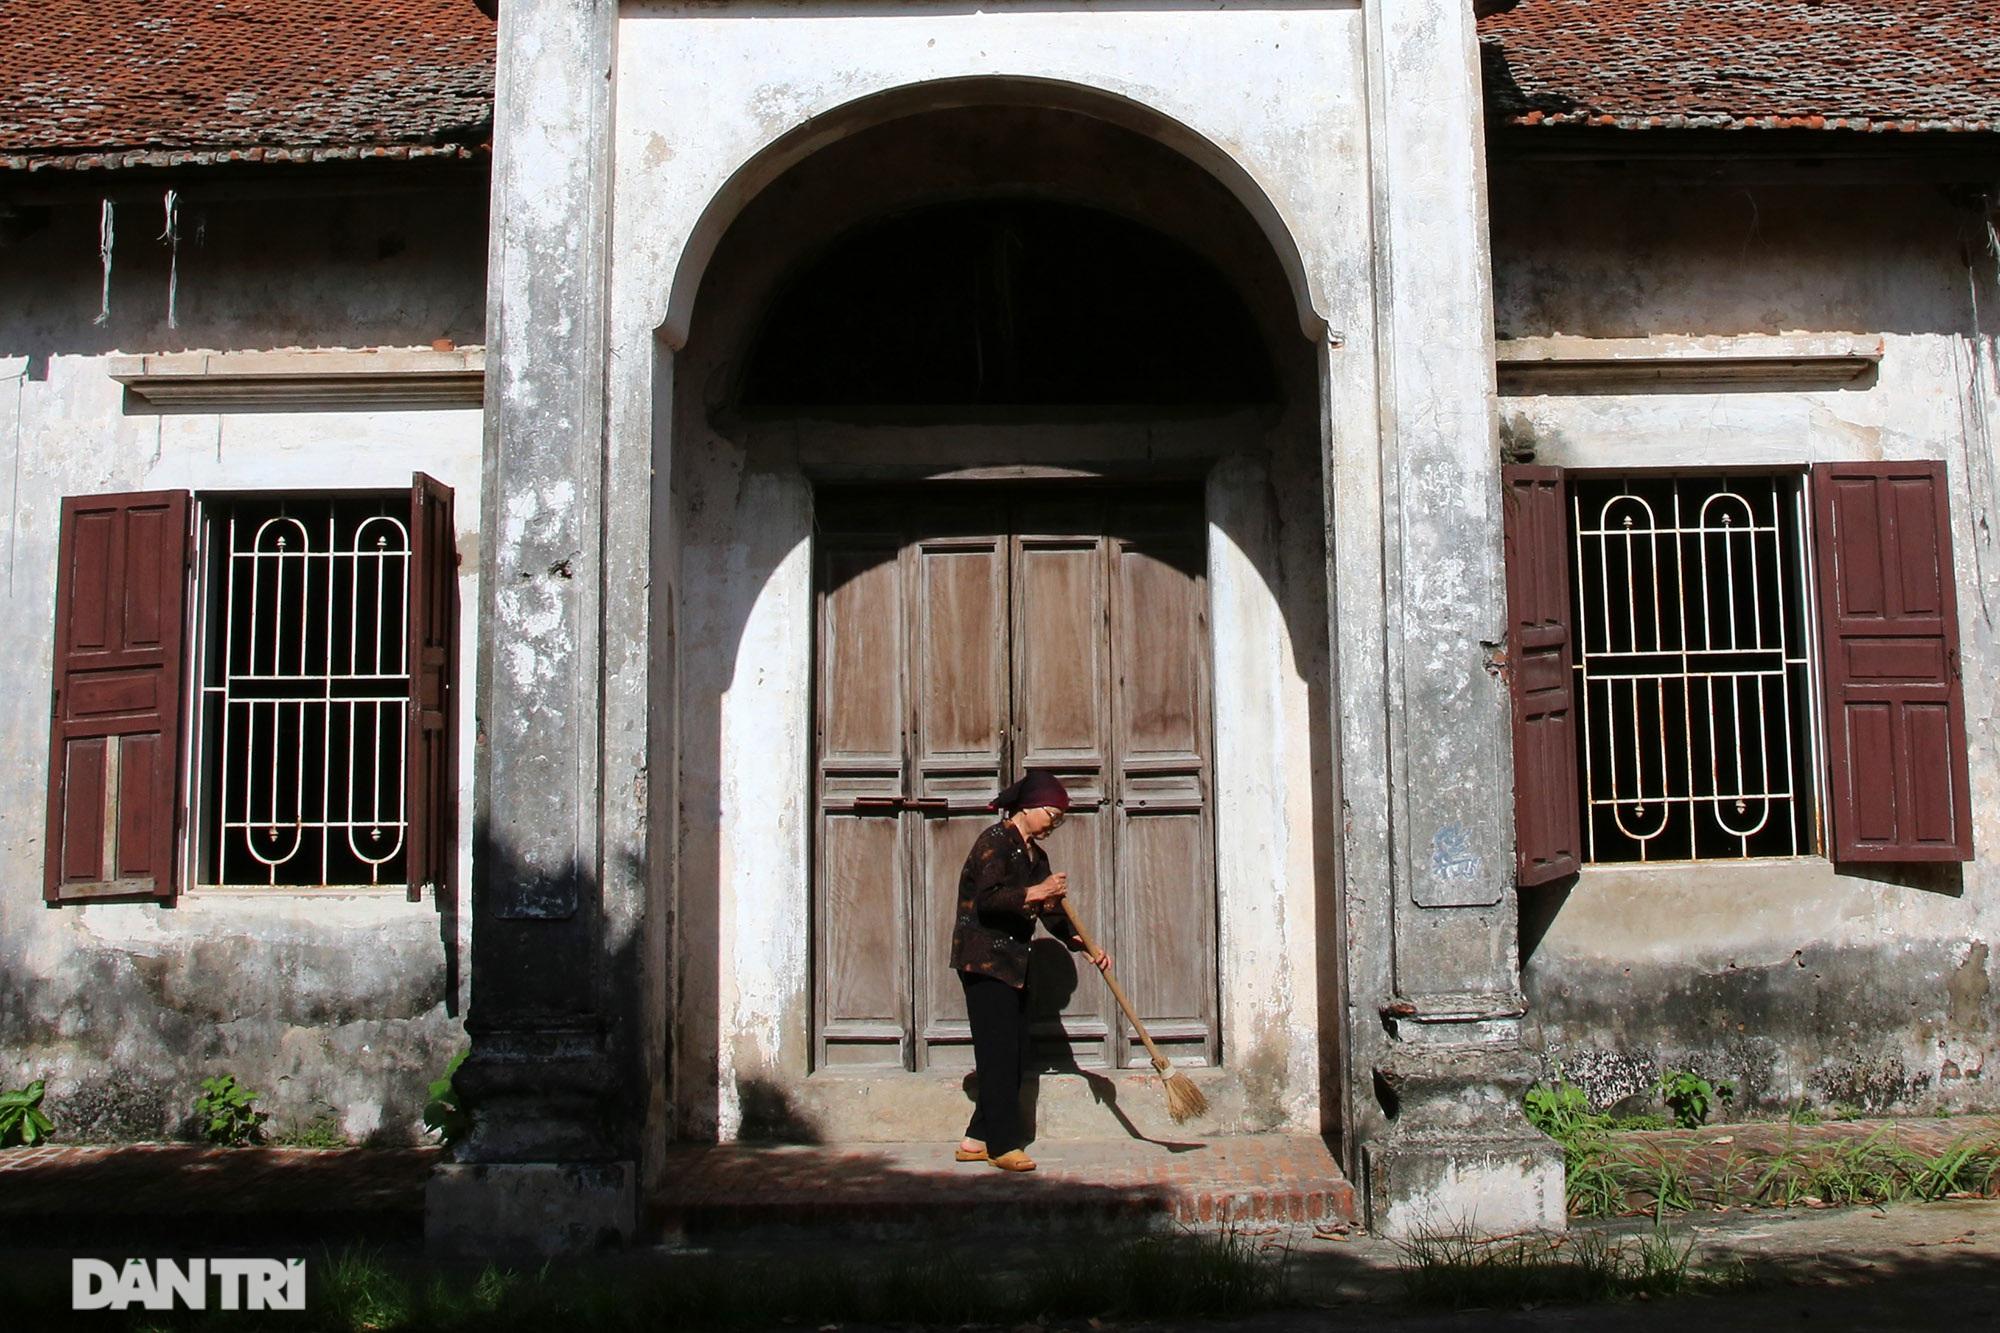 Làng cổ nghìn năm tuổi nổi tiếng giàu có nay là của hiếm ở Hà Nội - 4